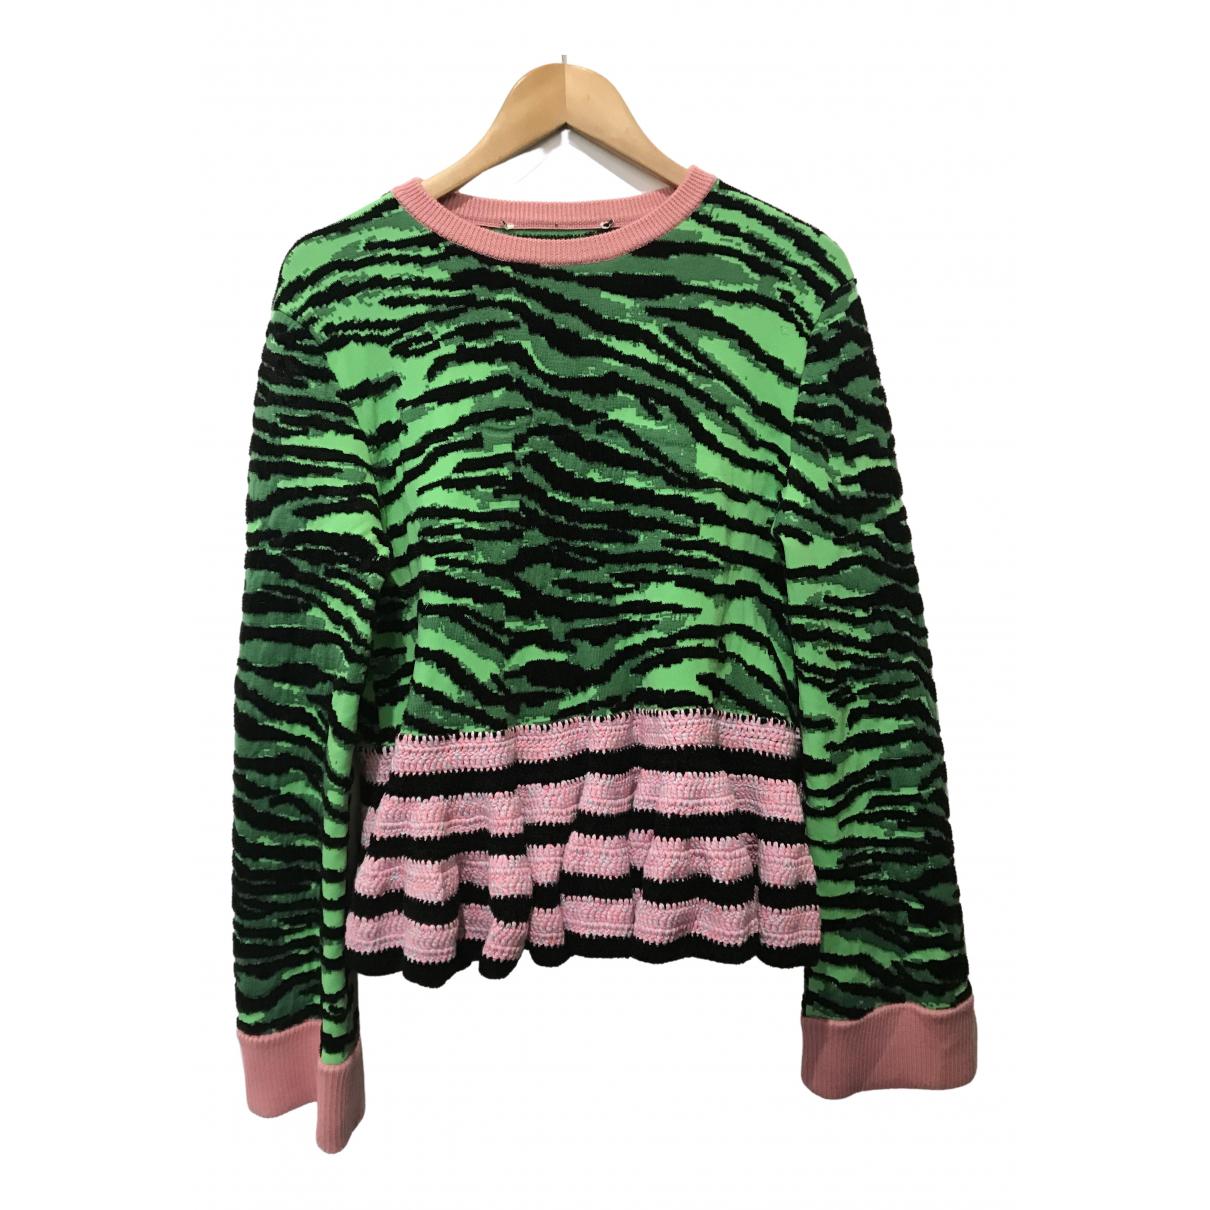 Kenzo X H&m - Pull   pour femme en laine - multicolore